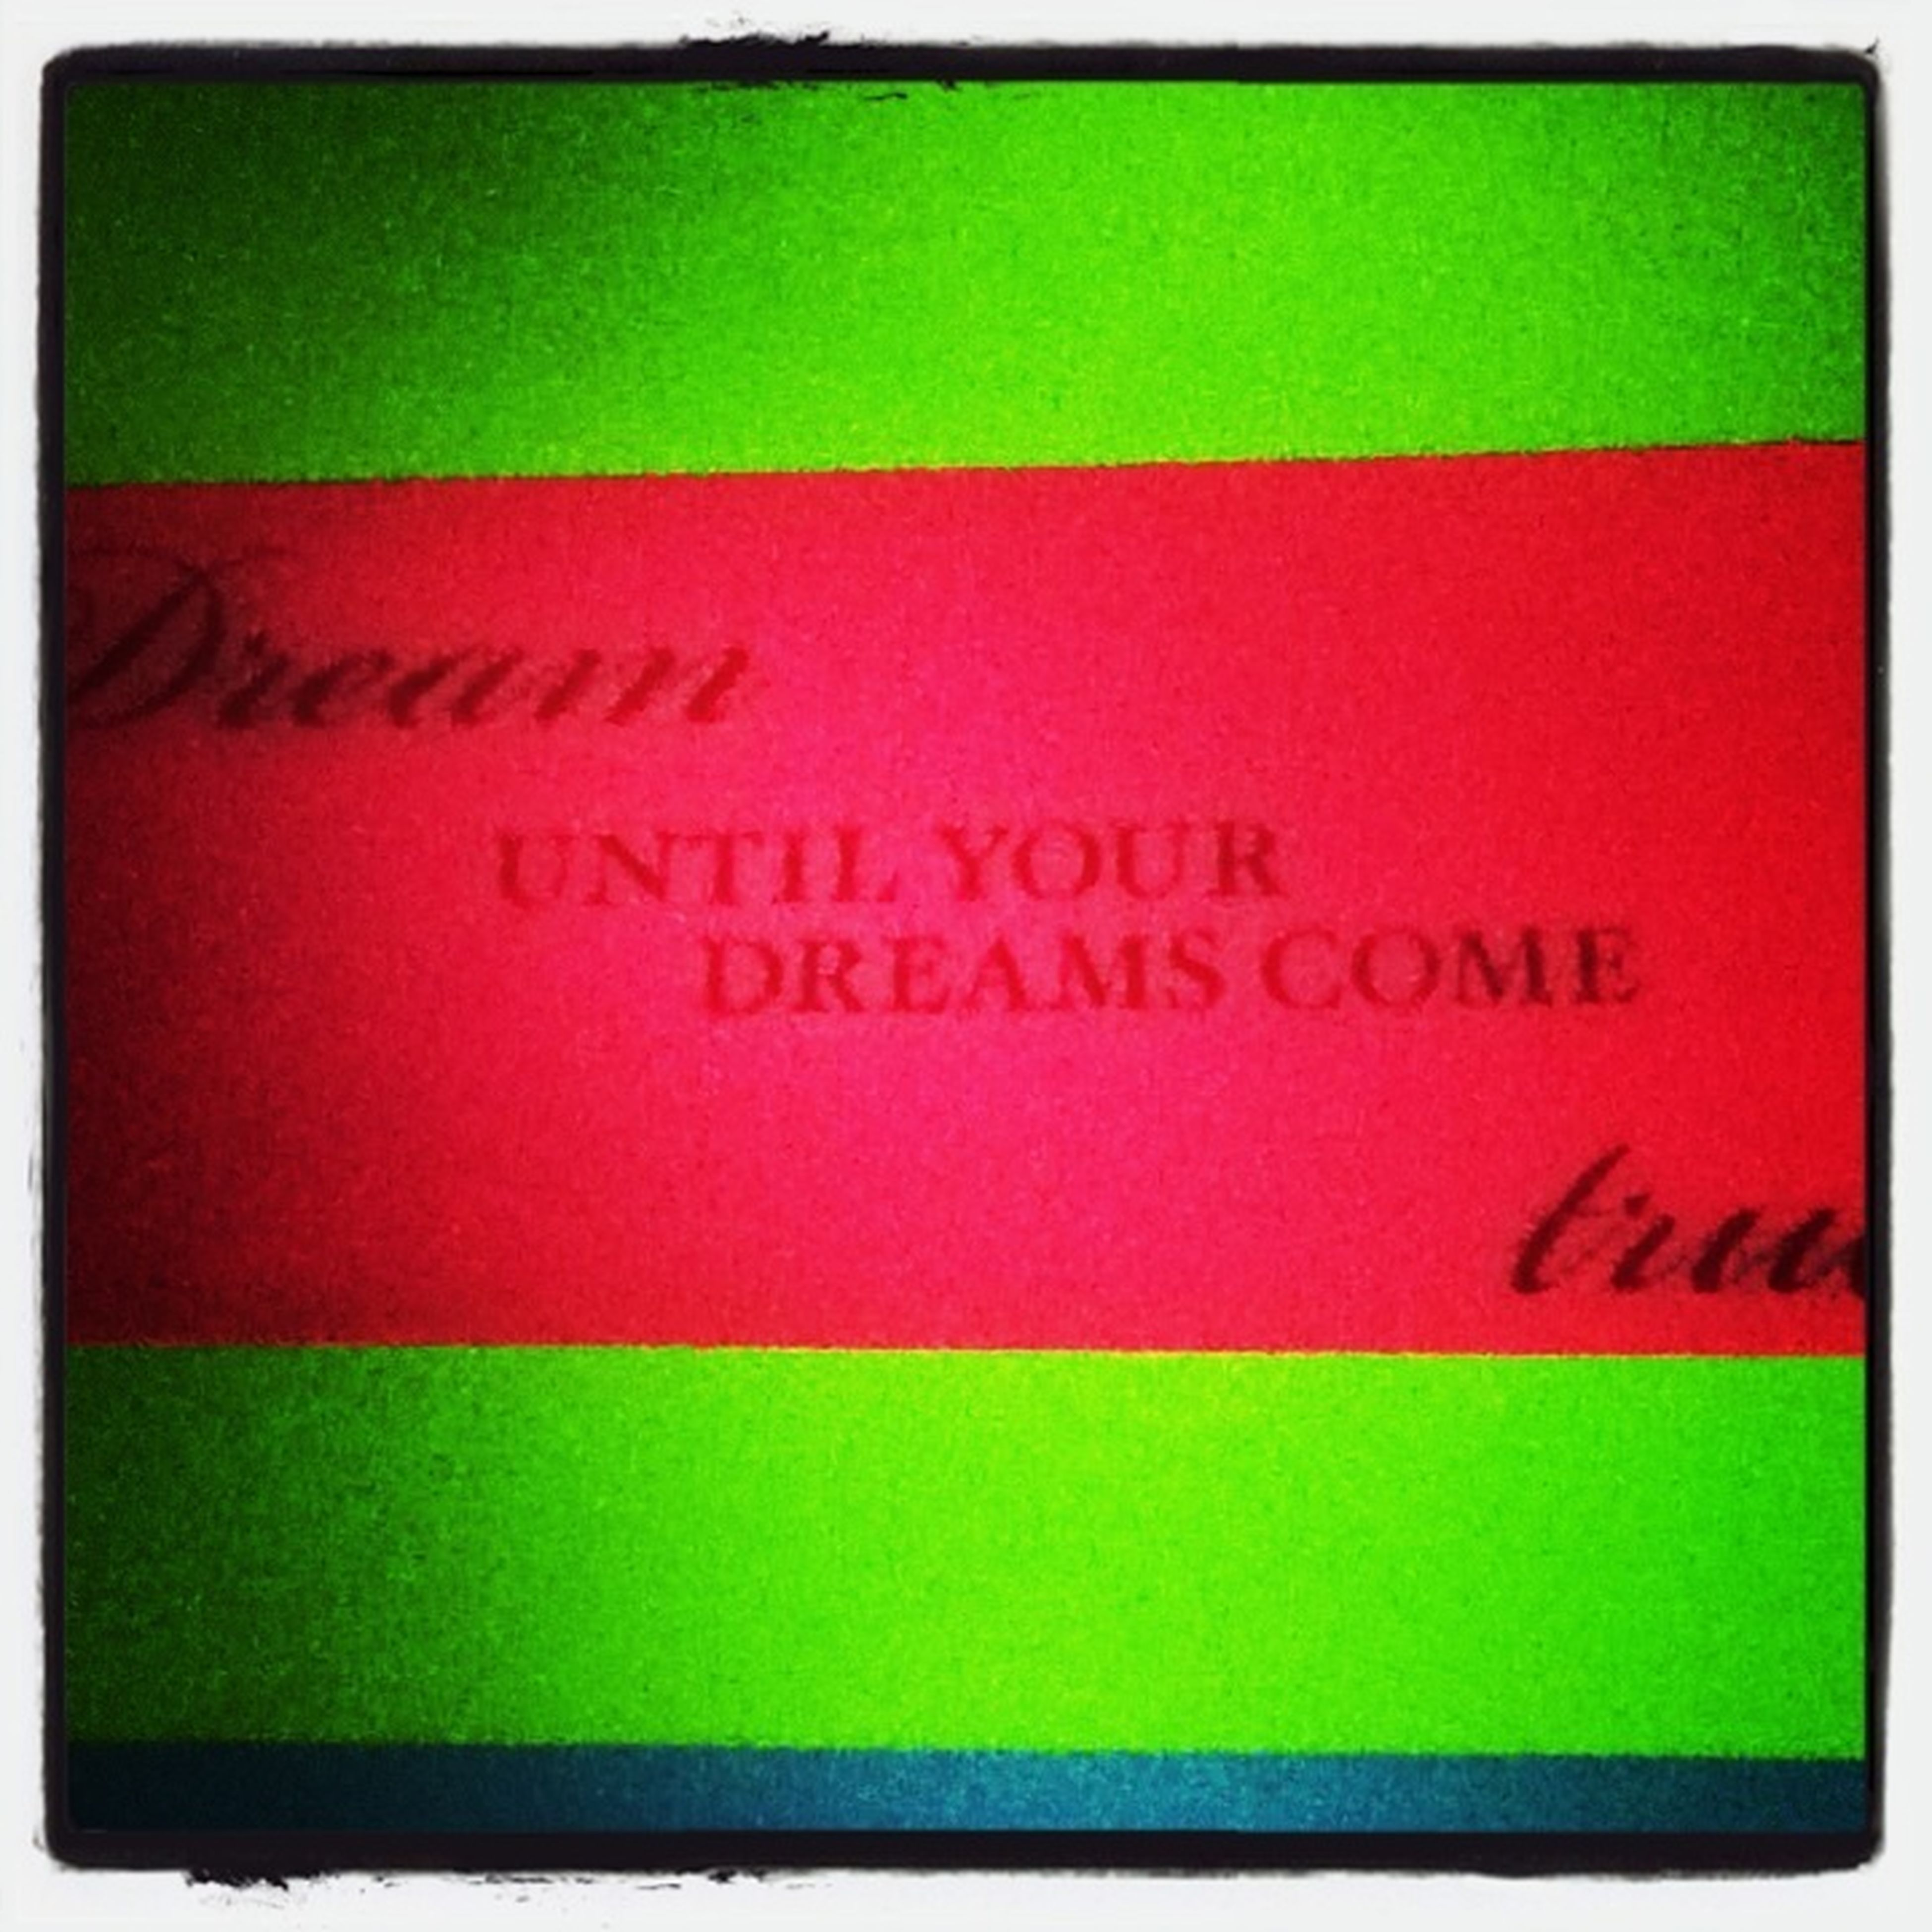 Dream Until Your Dreams Come True.